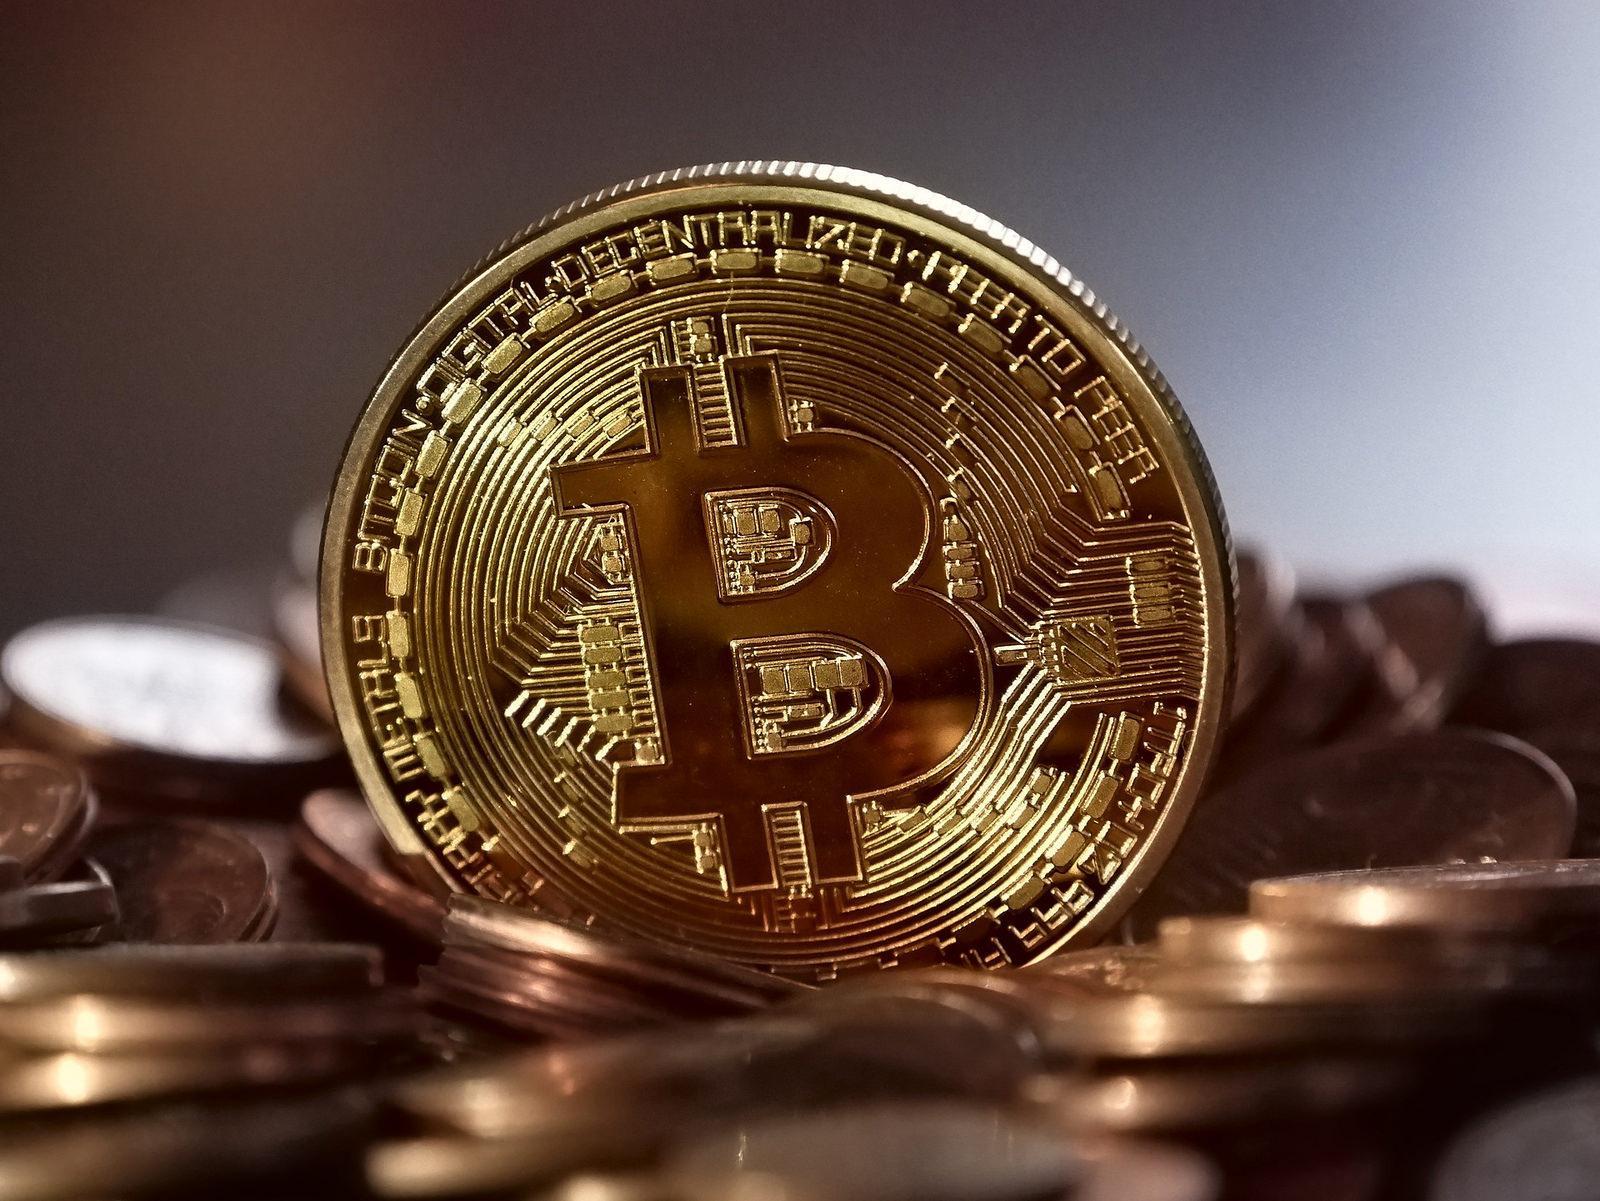 Хакеры взломали форум р2р криптобиржи LocalBitcoins опустошив часть кошельков пользователей